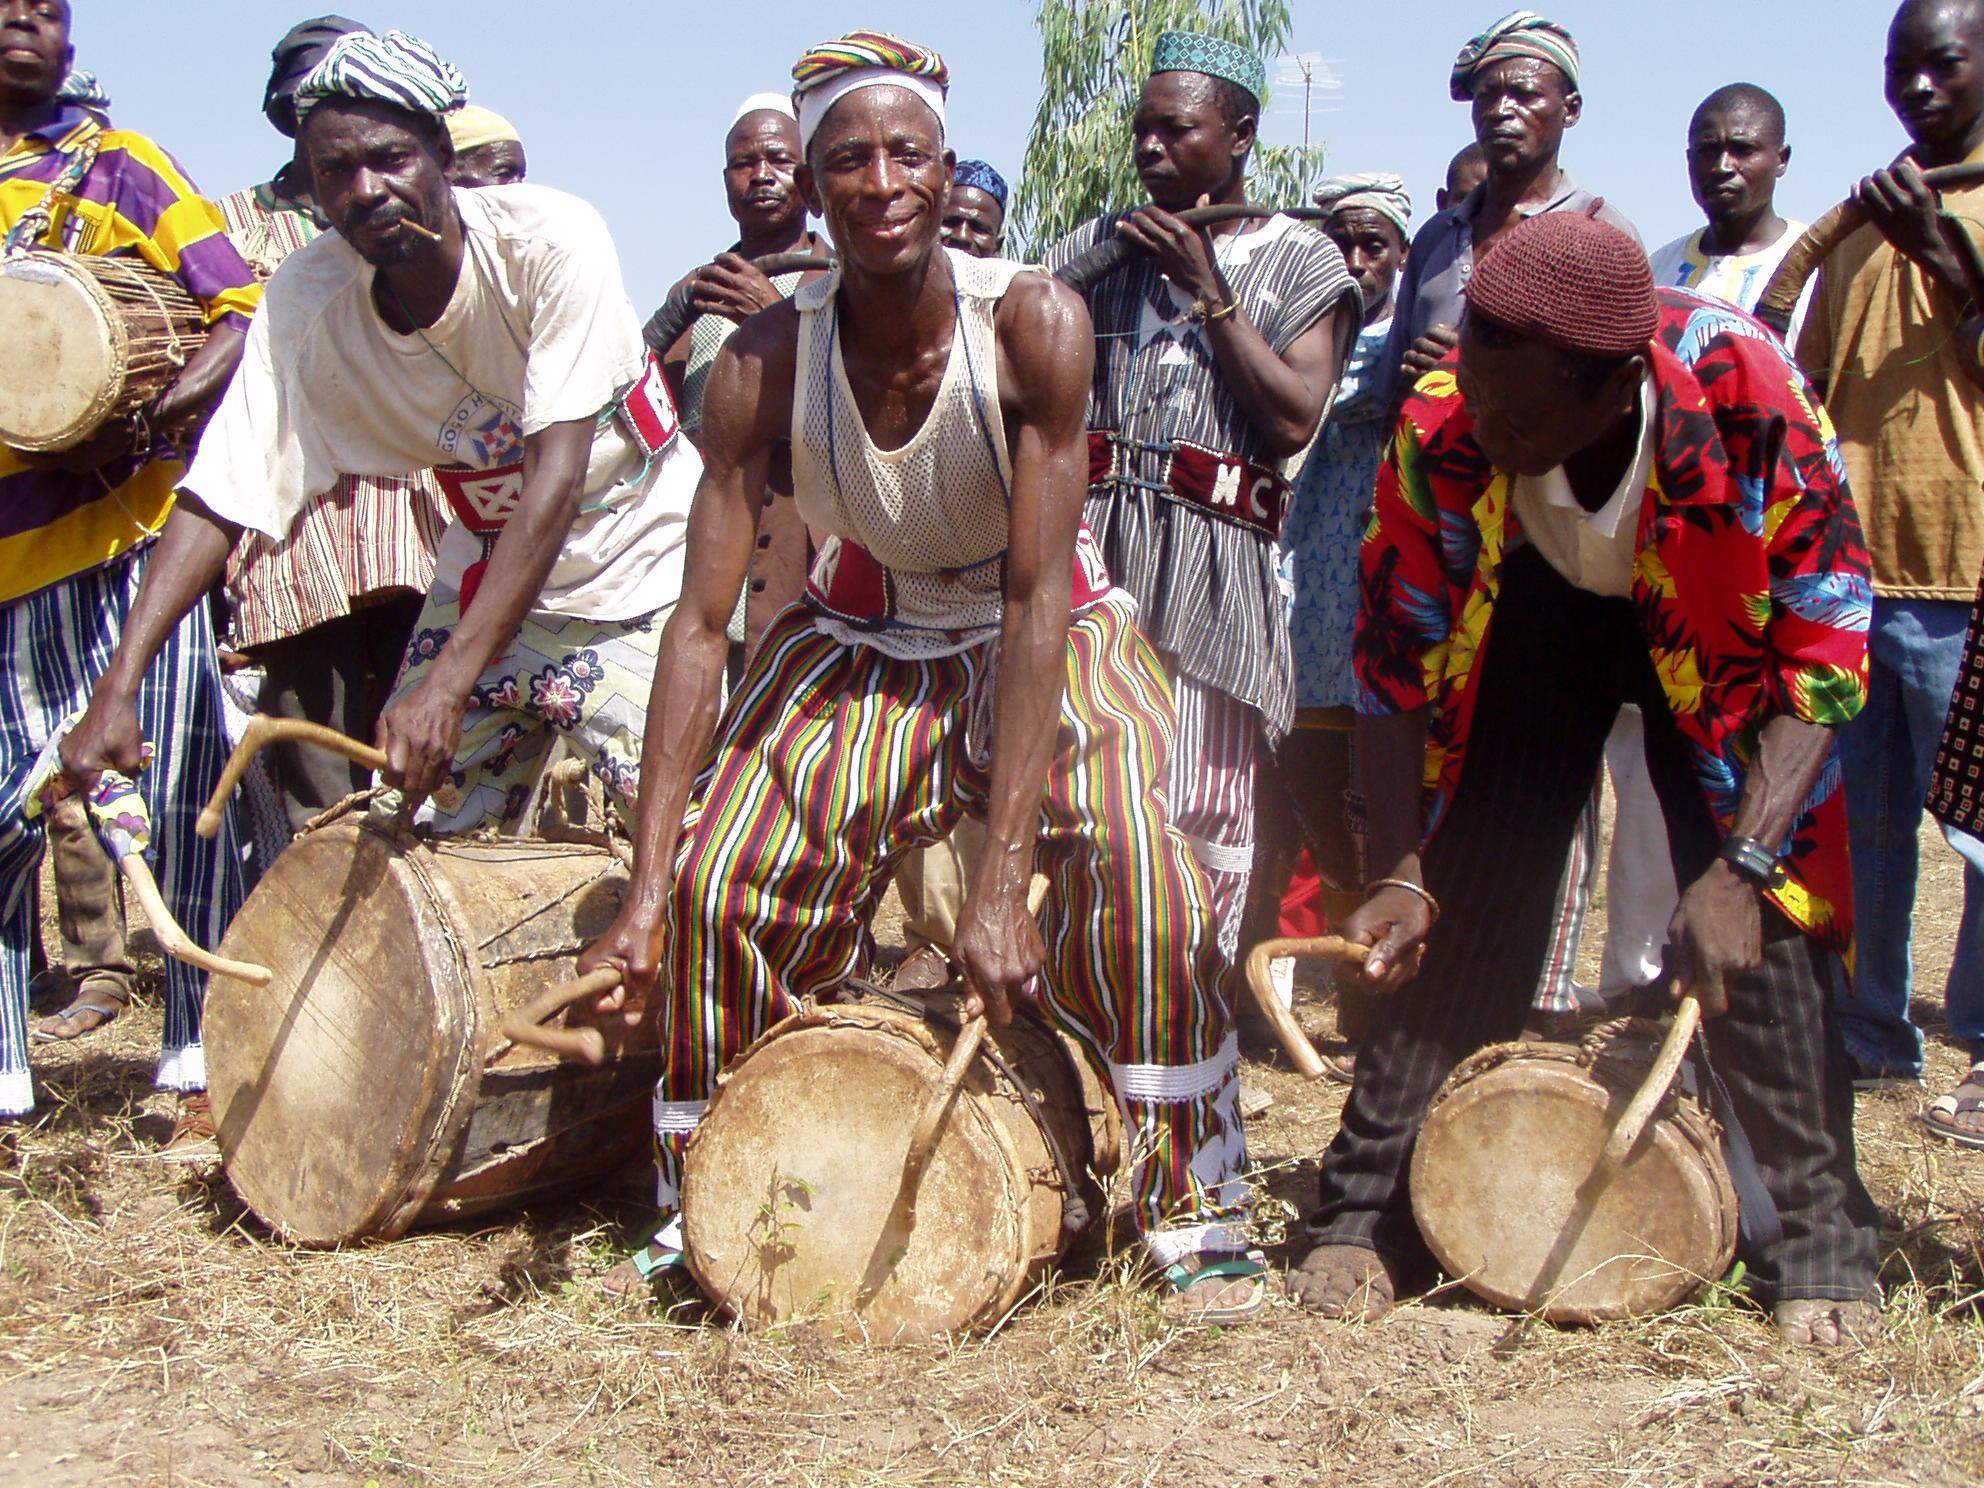 musiciens ninkarse. Ninkarse musicians.